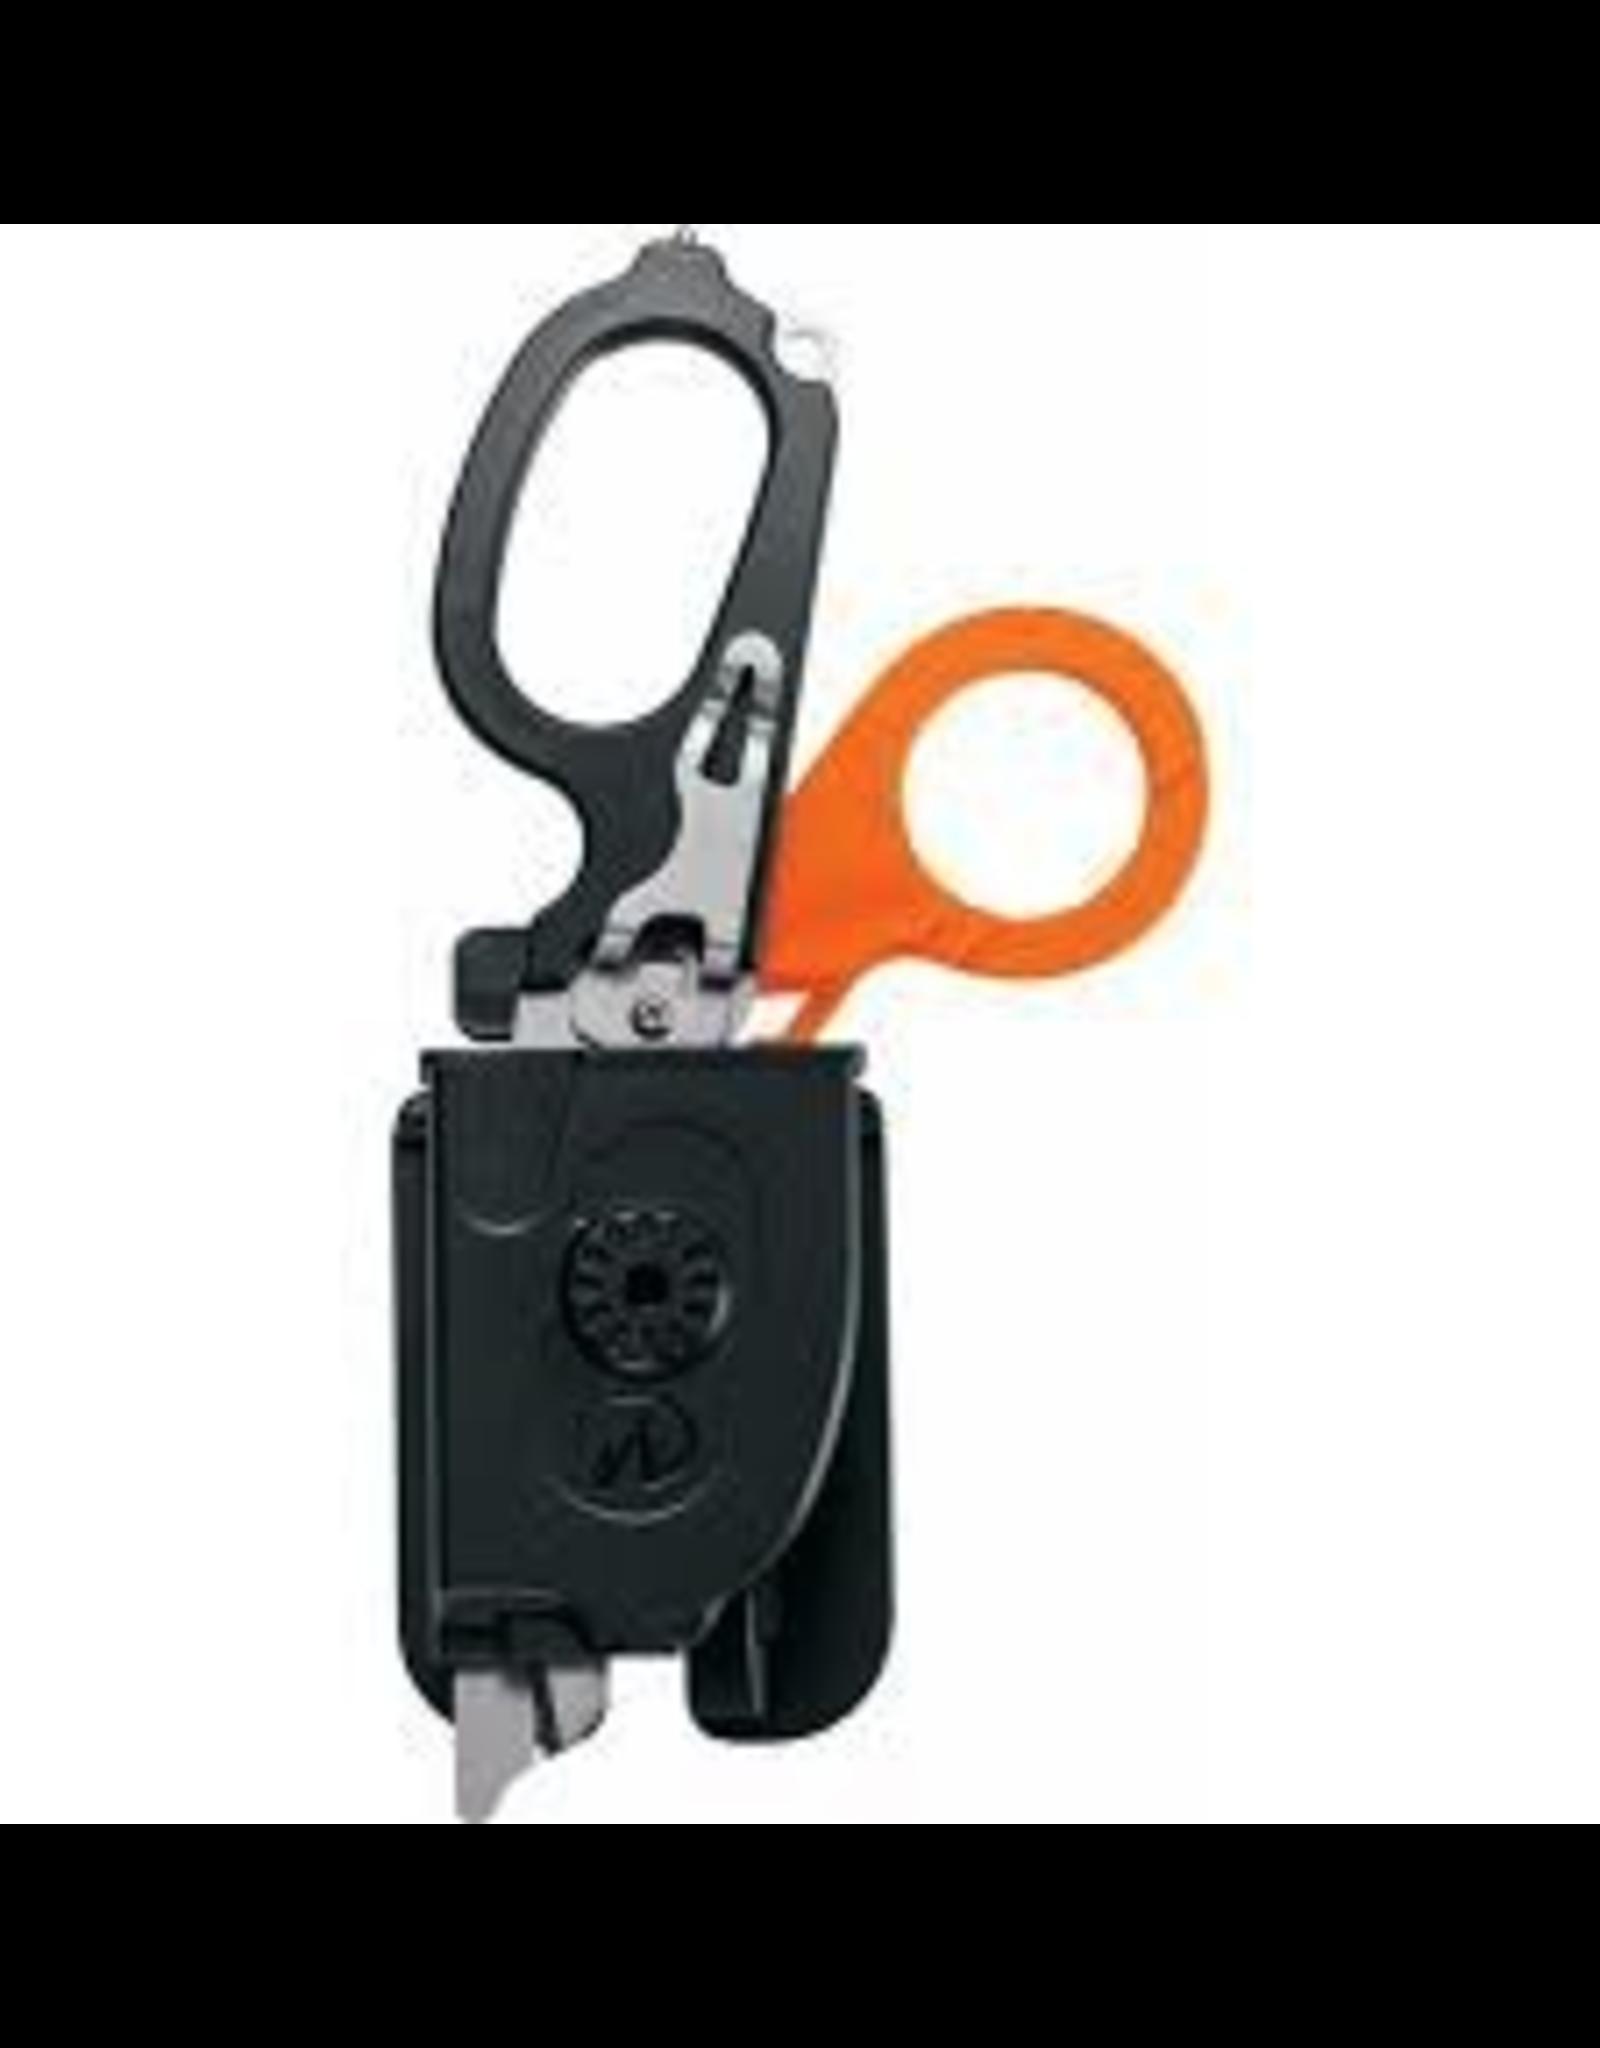 Leatherman Tool Leatherman Tool RAPTOR Orange/Black